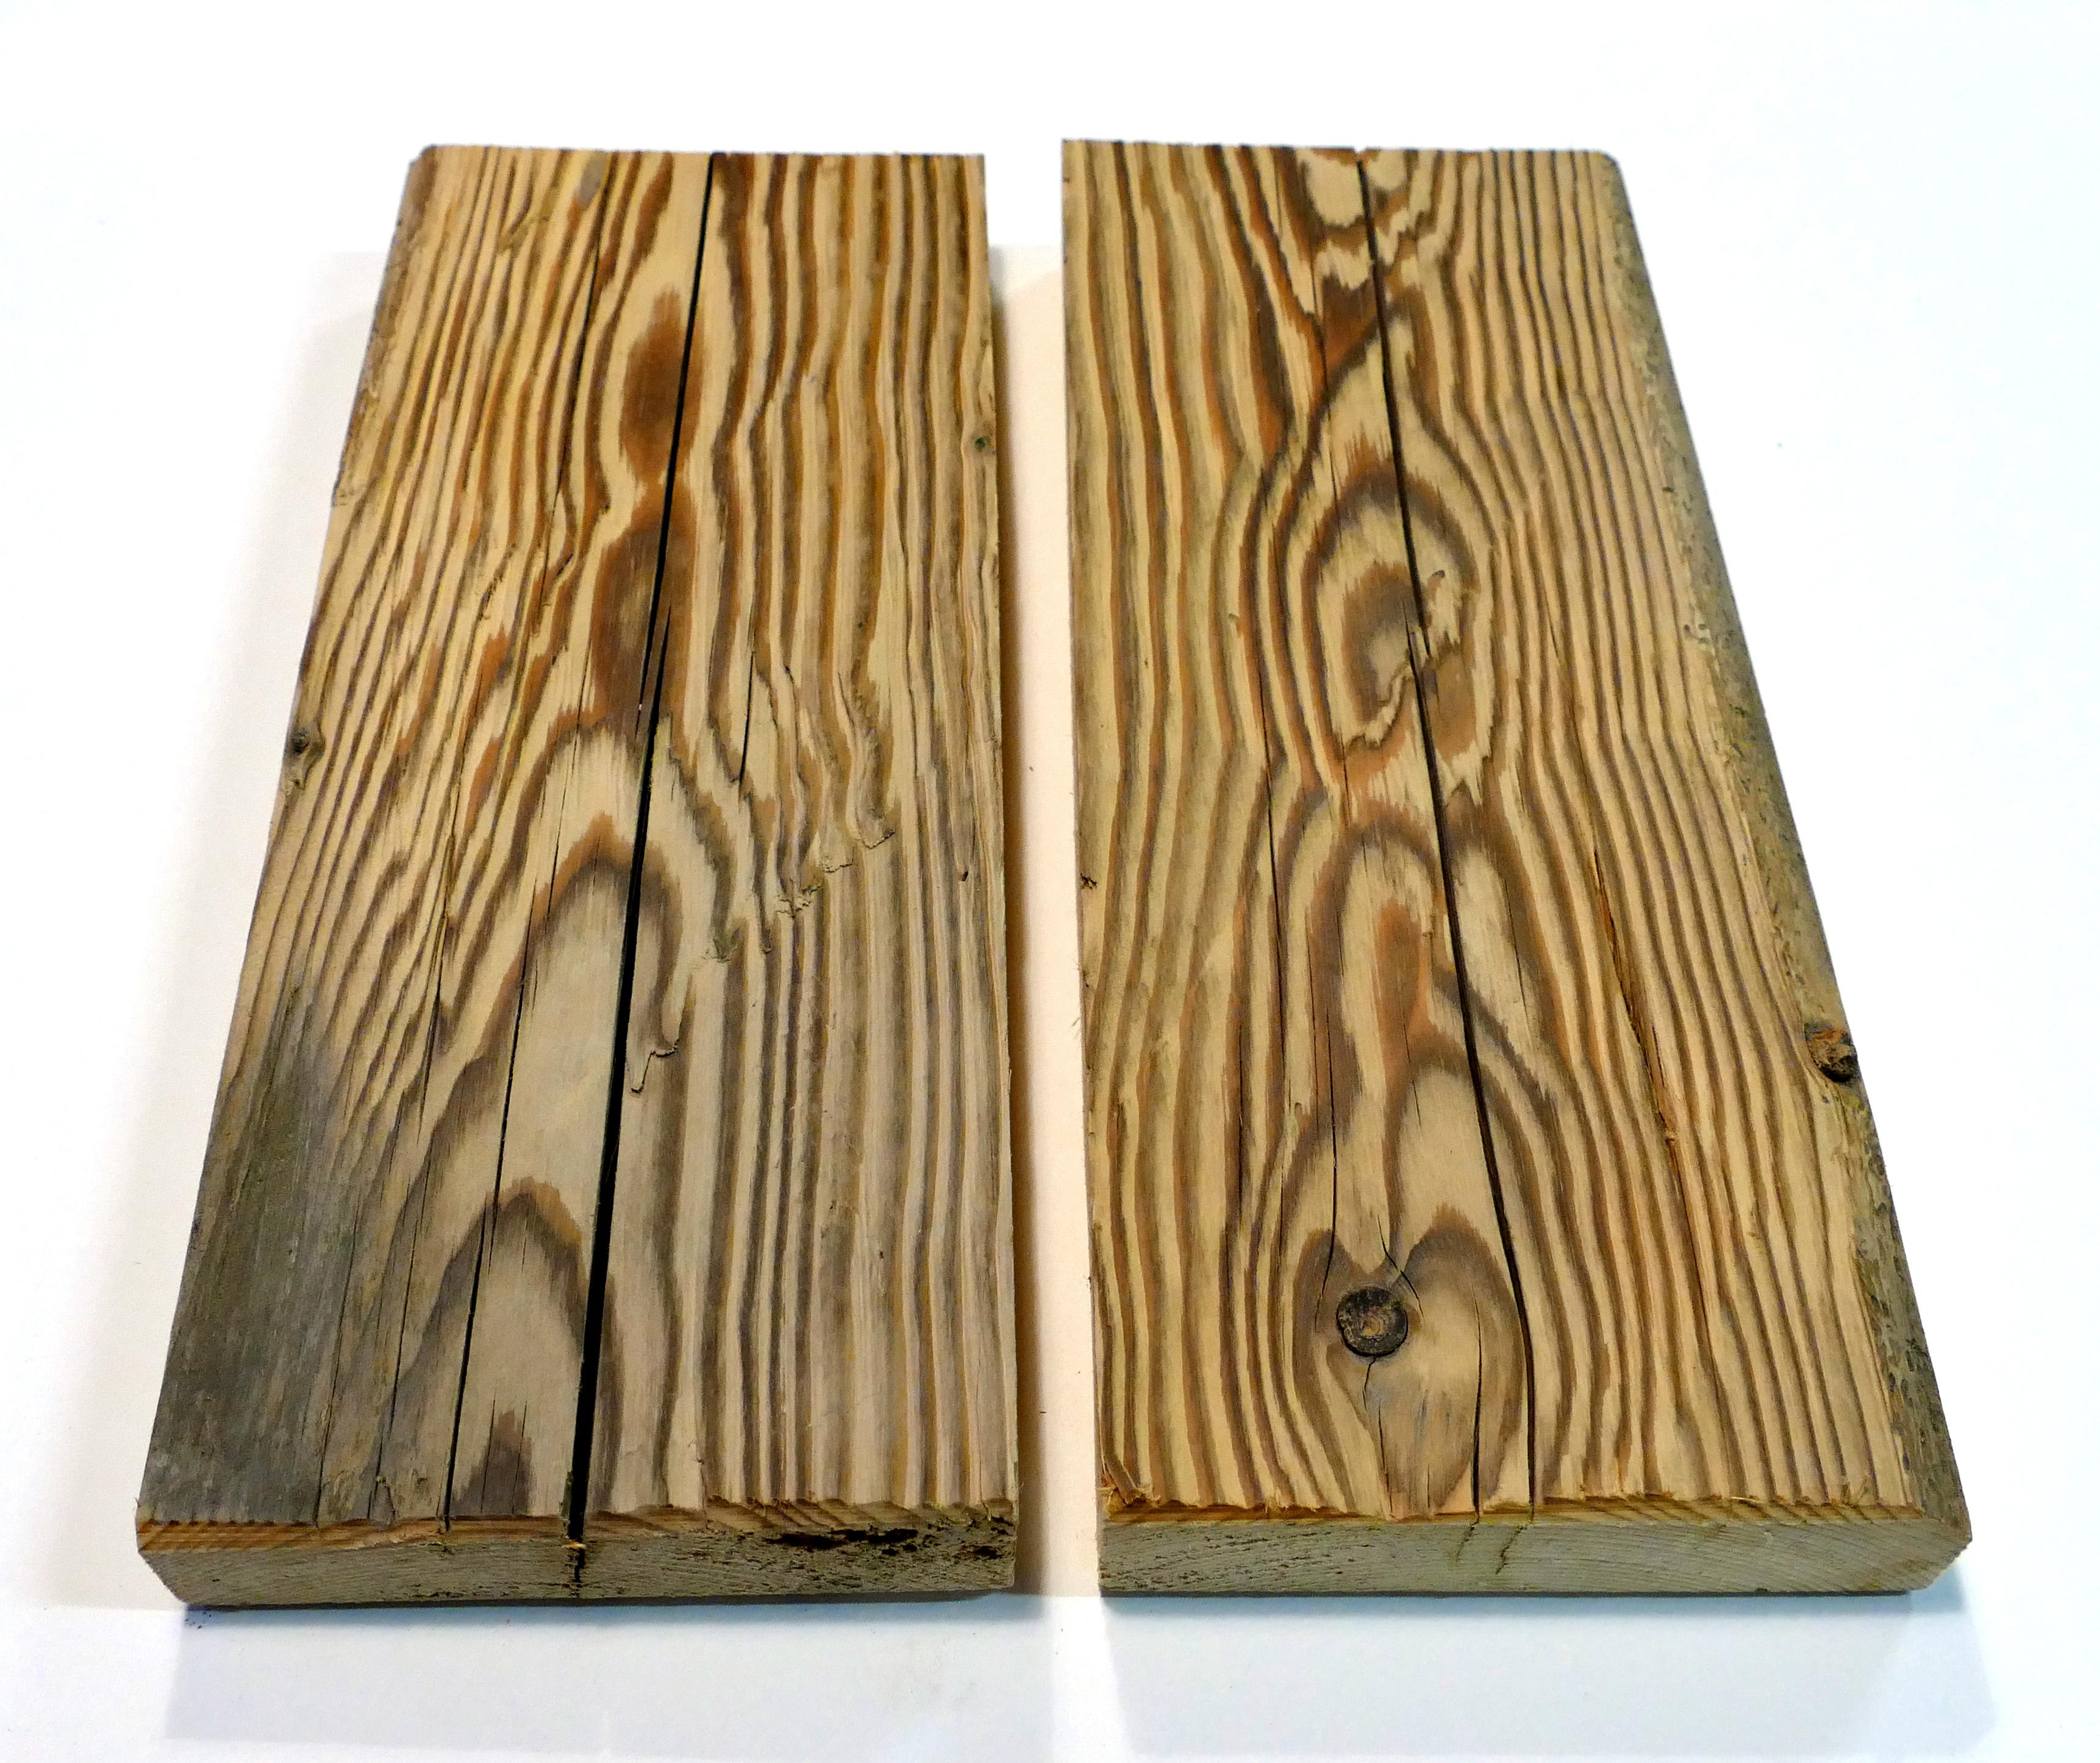 Altholz aus Holzbohlen gehackte Bretter